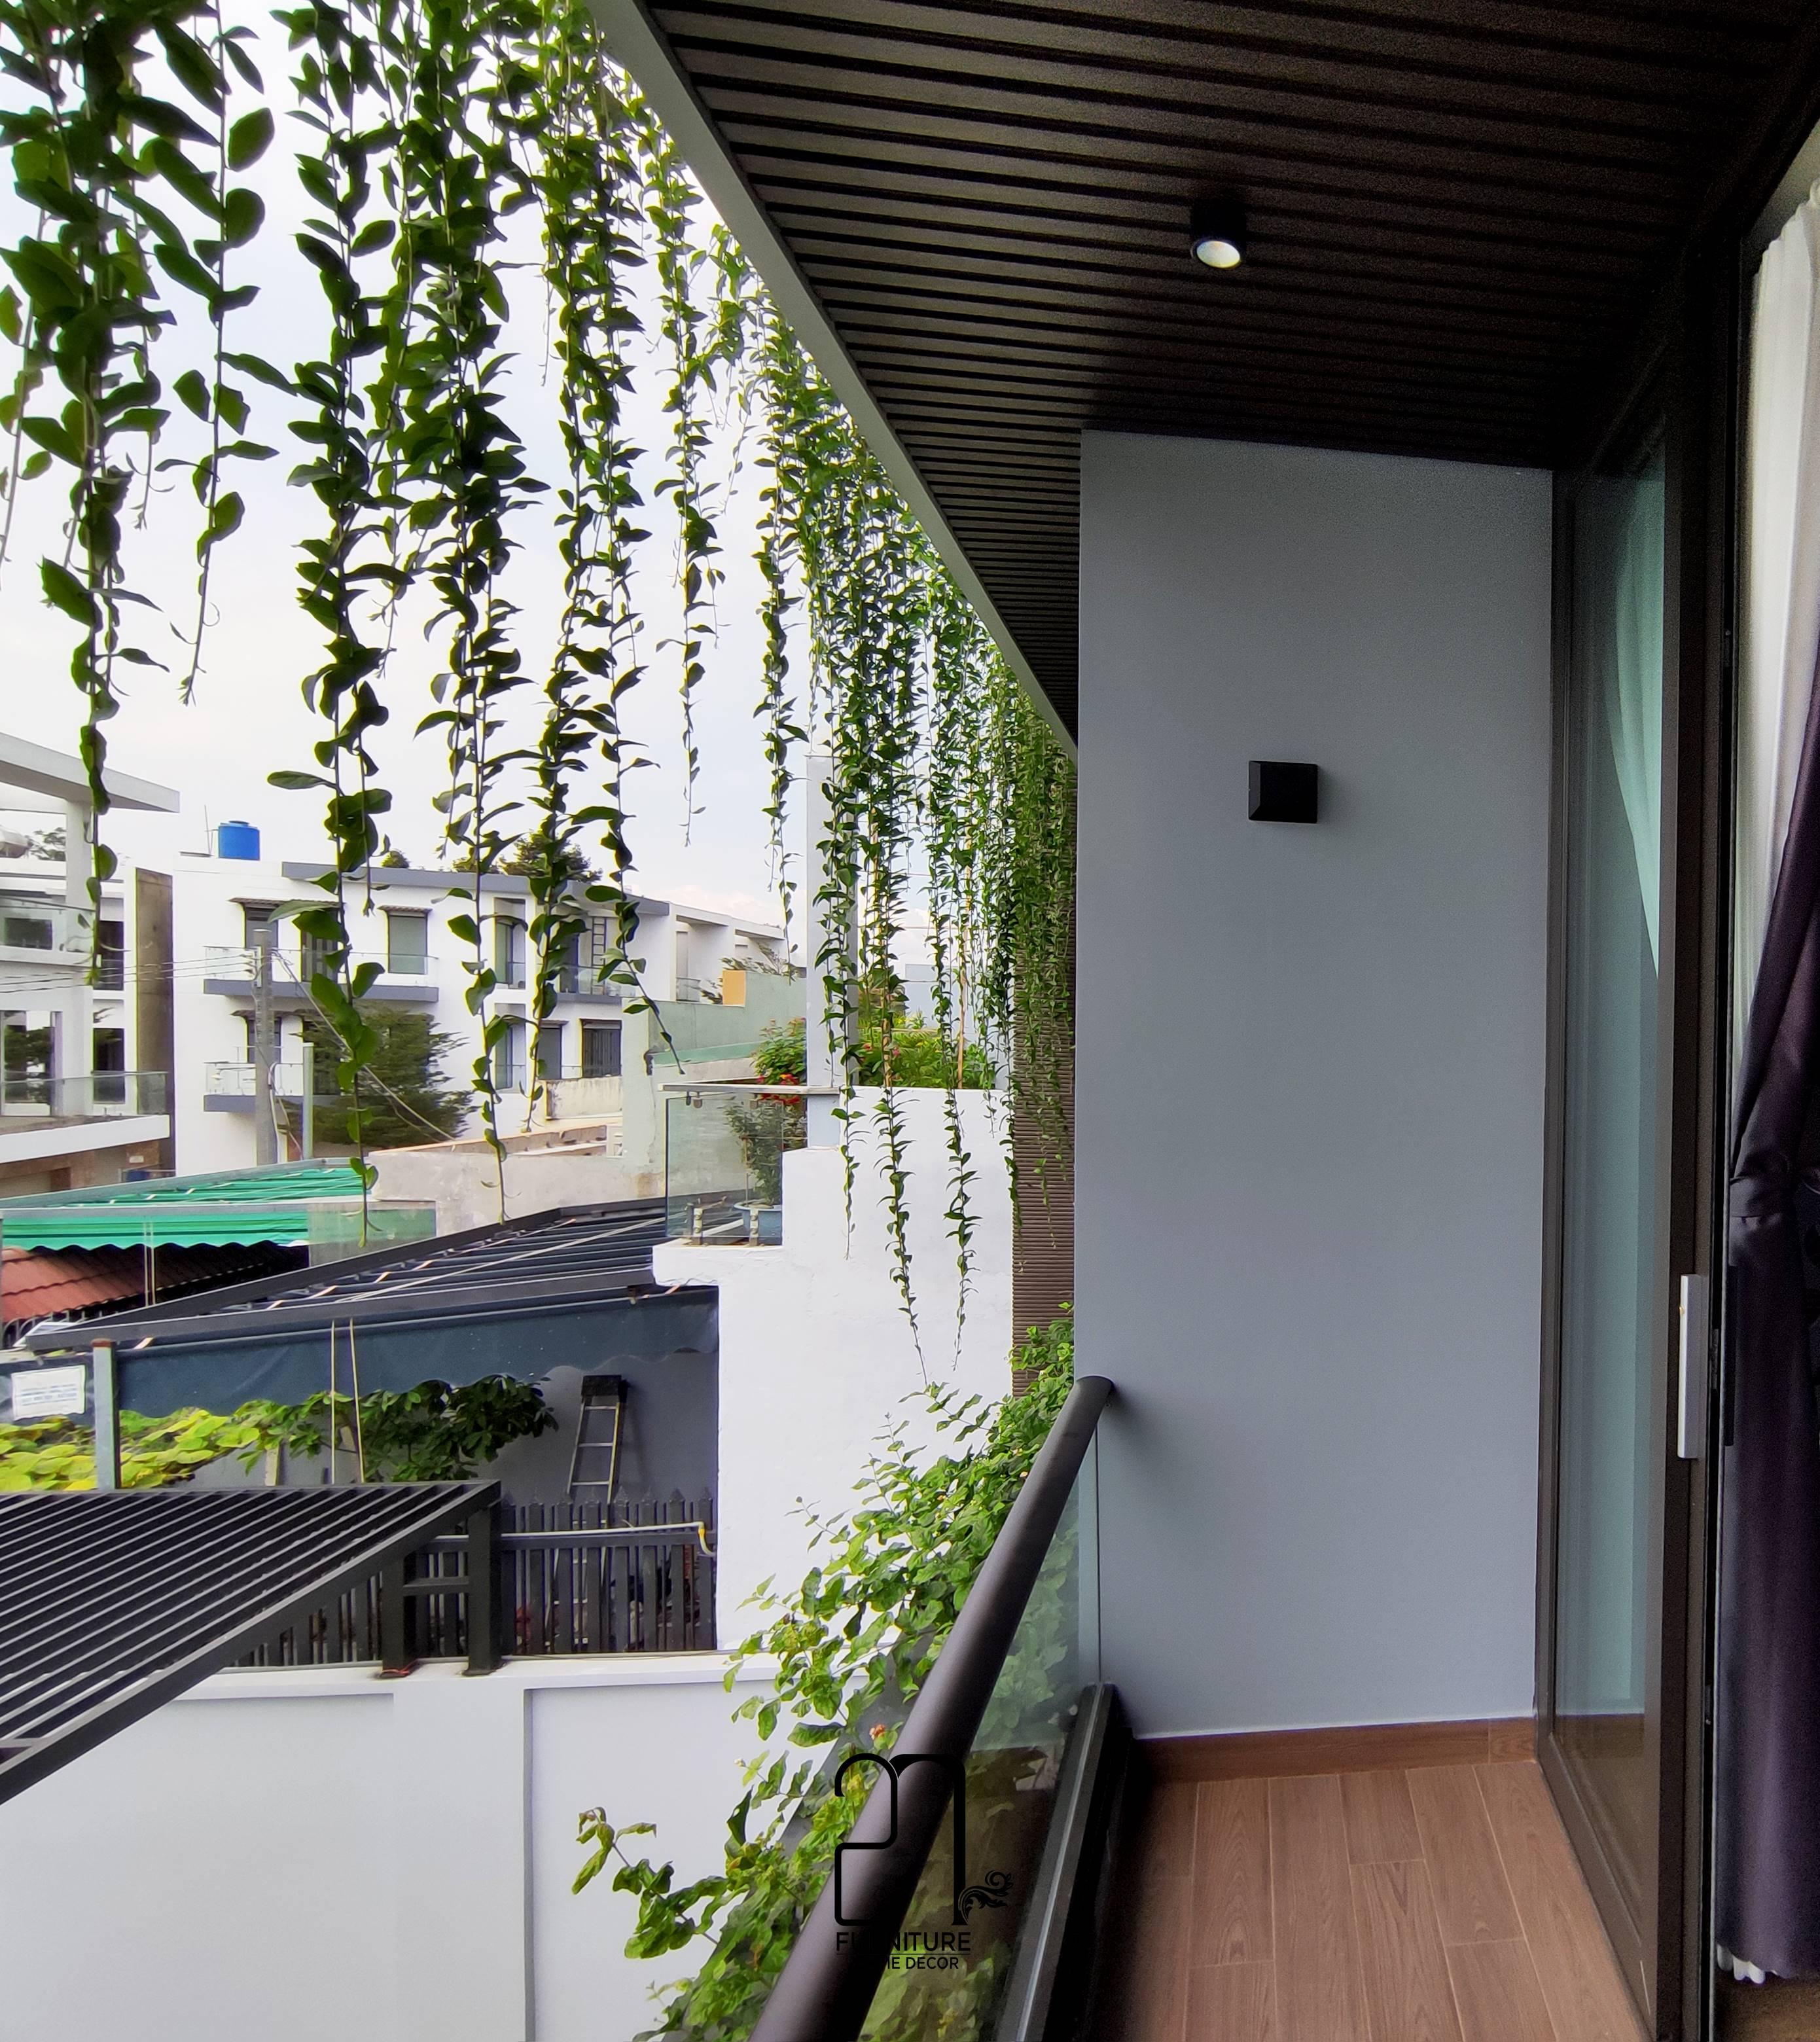 Thiết kế Biệt Thự tại Đồng Nai Thiết kế thi công biệt thự phố Biên Hòa 1631351897 14